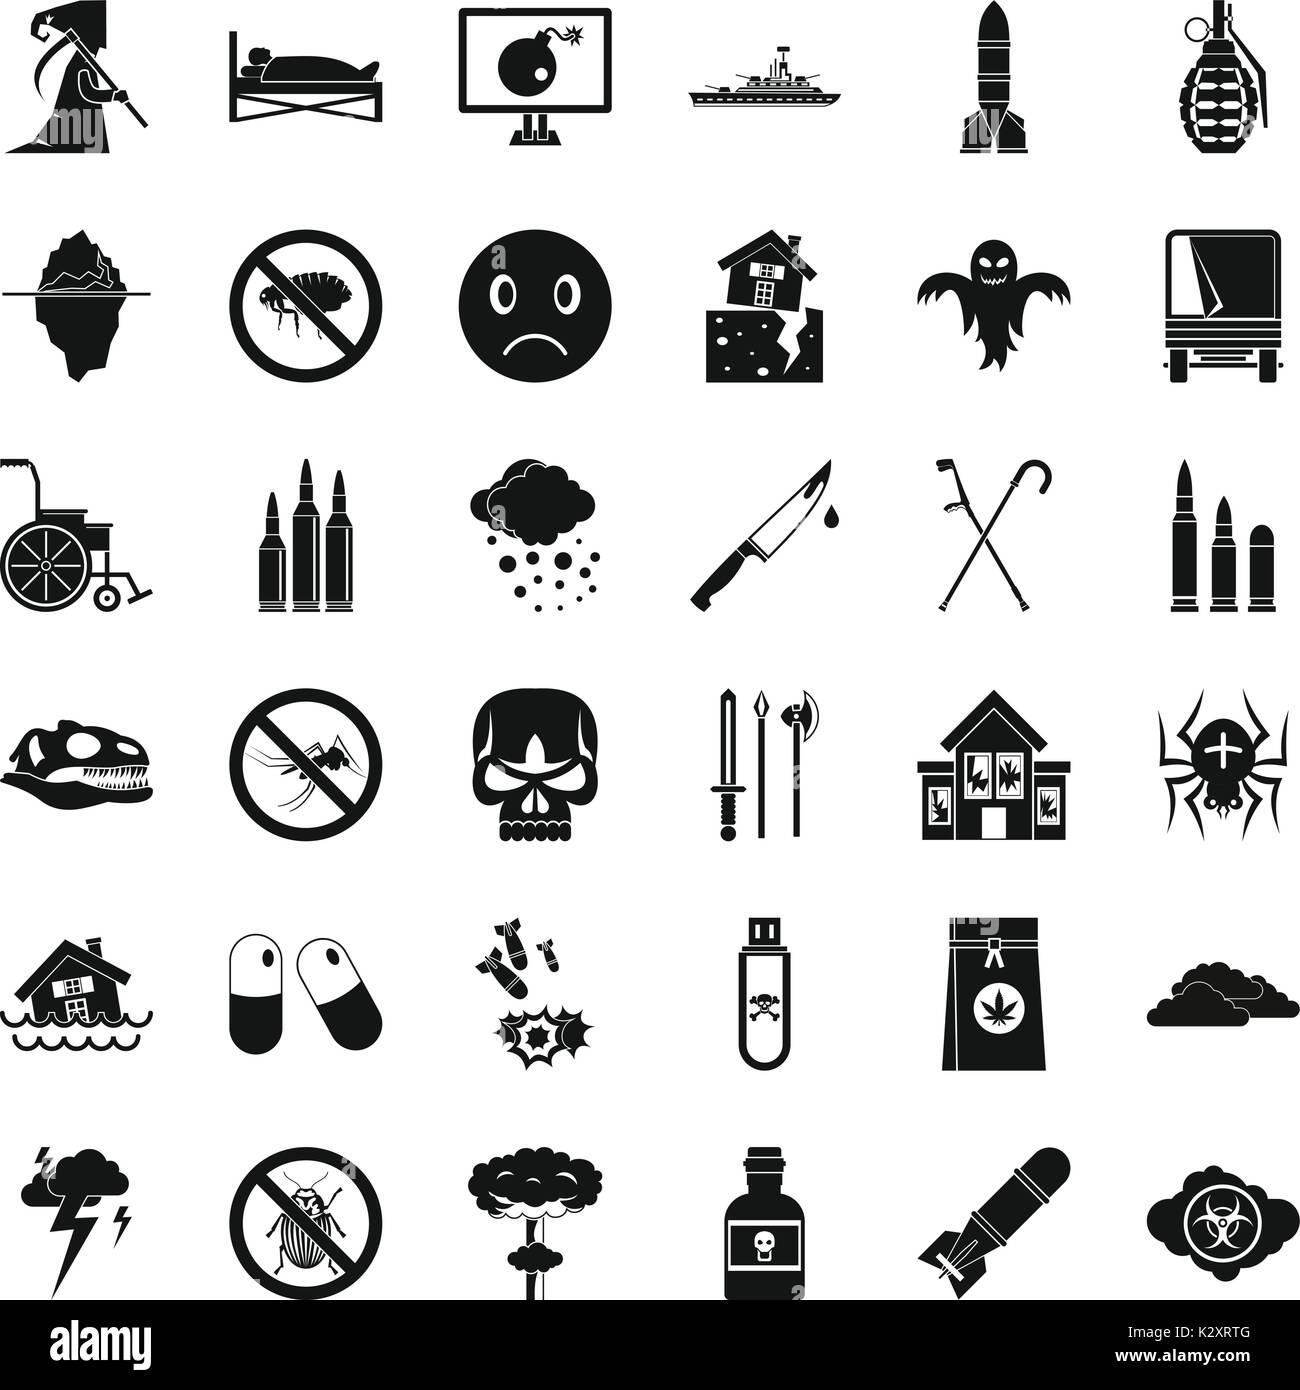 Spannung Symbole gesetzt, einfachen Stil Vektor Abbildung - Bild ...